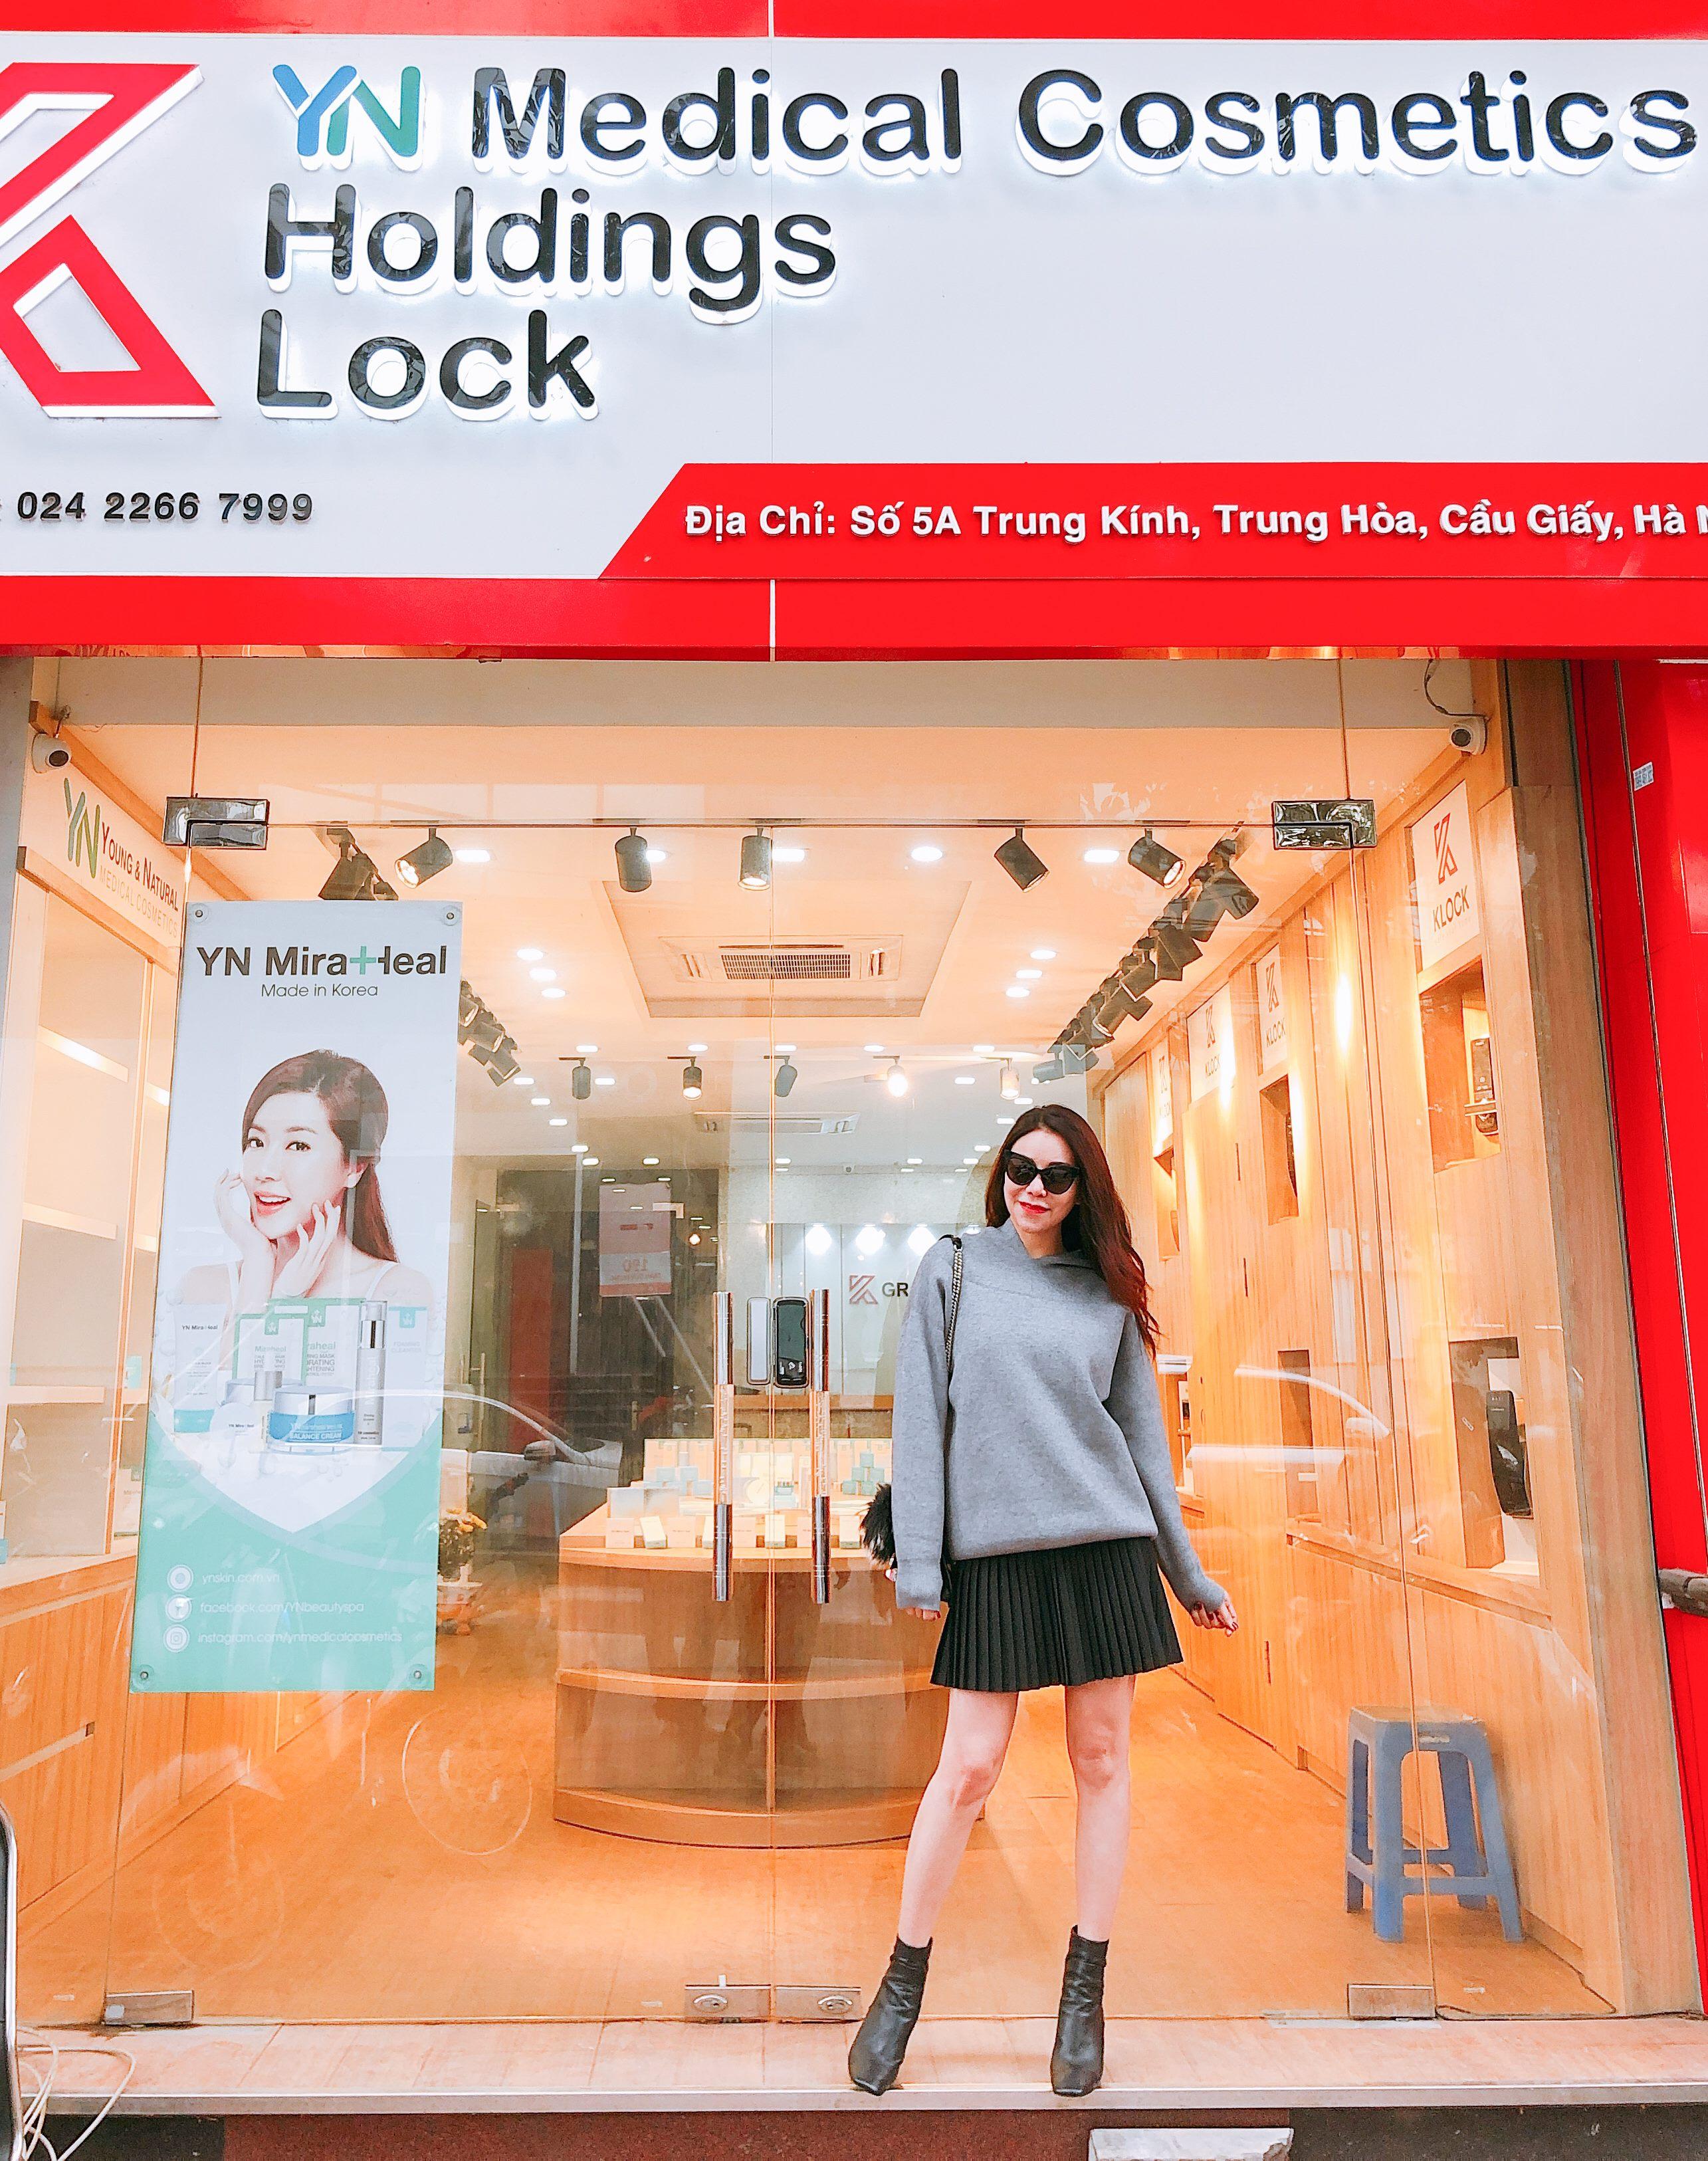 Á hậu Trà Ngọc Hằng mua hàng tại showroom YN Medical Cosmetics